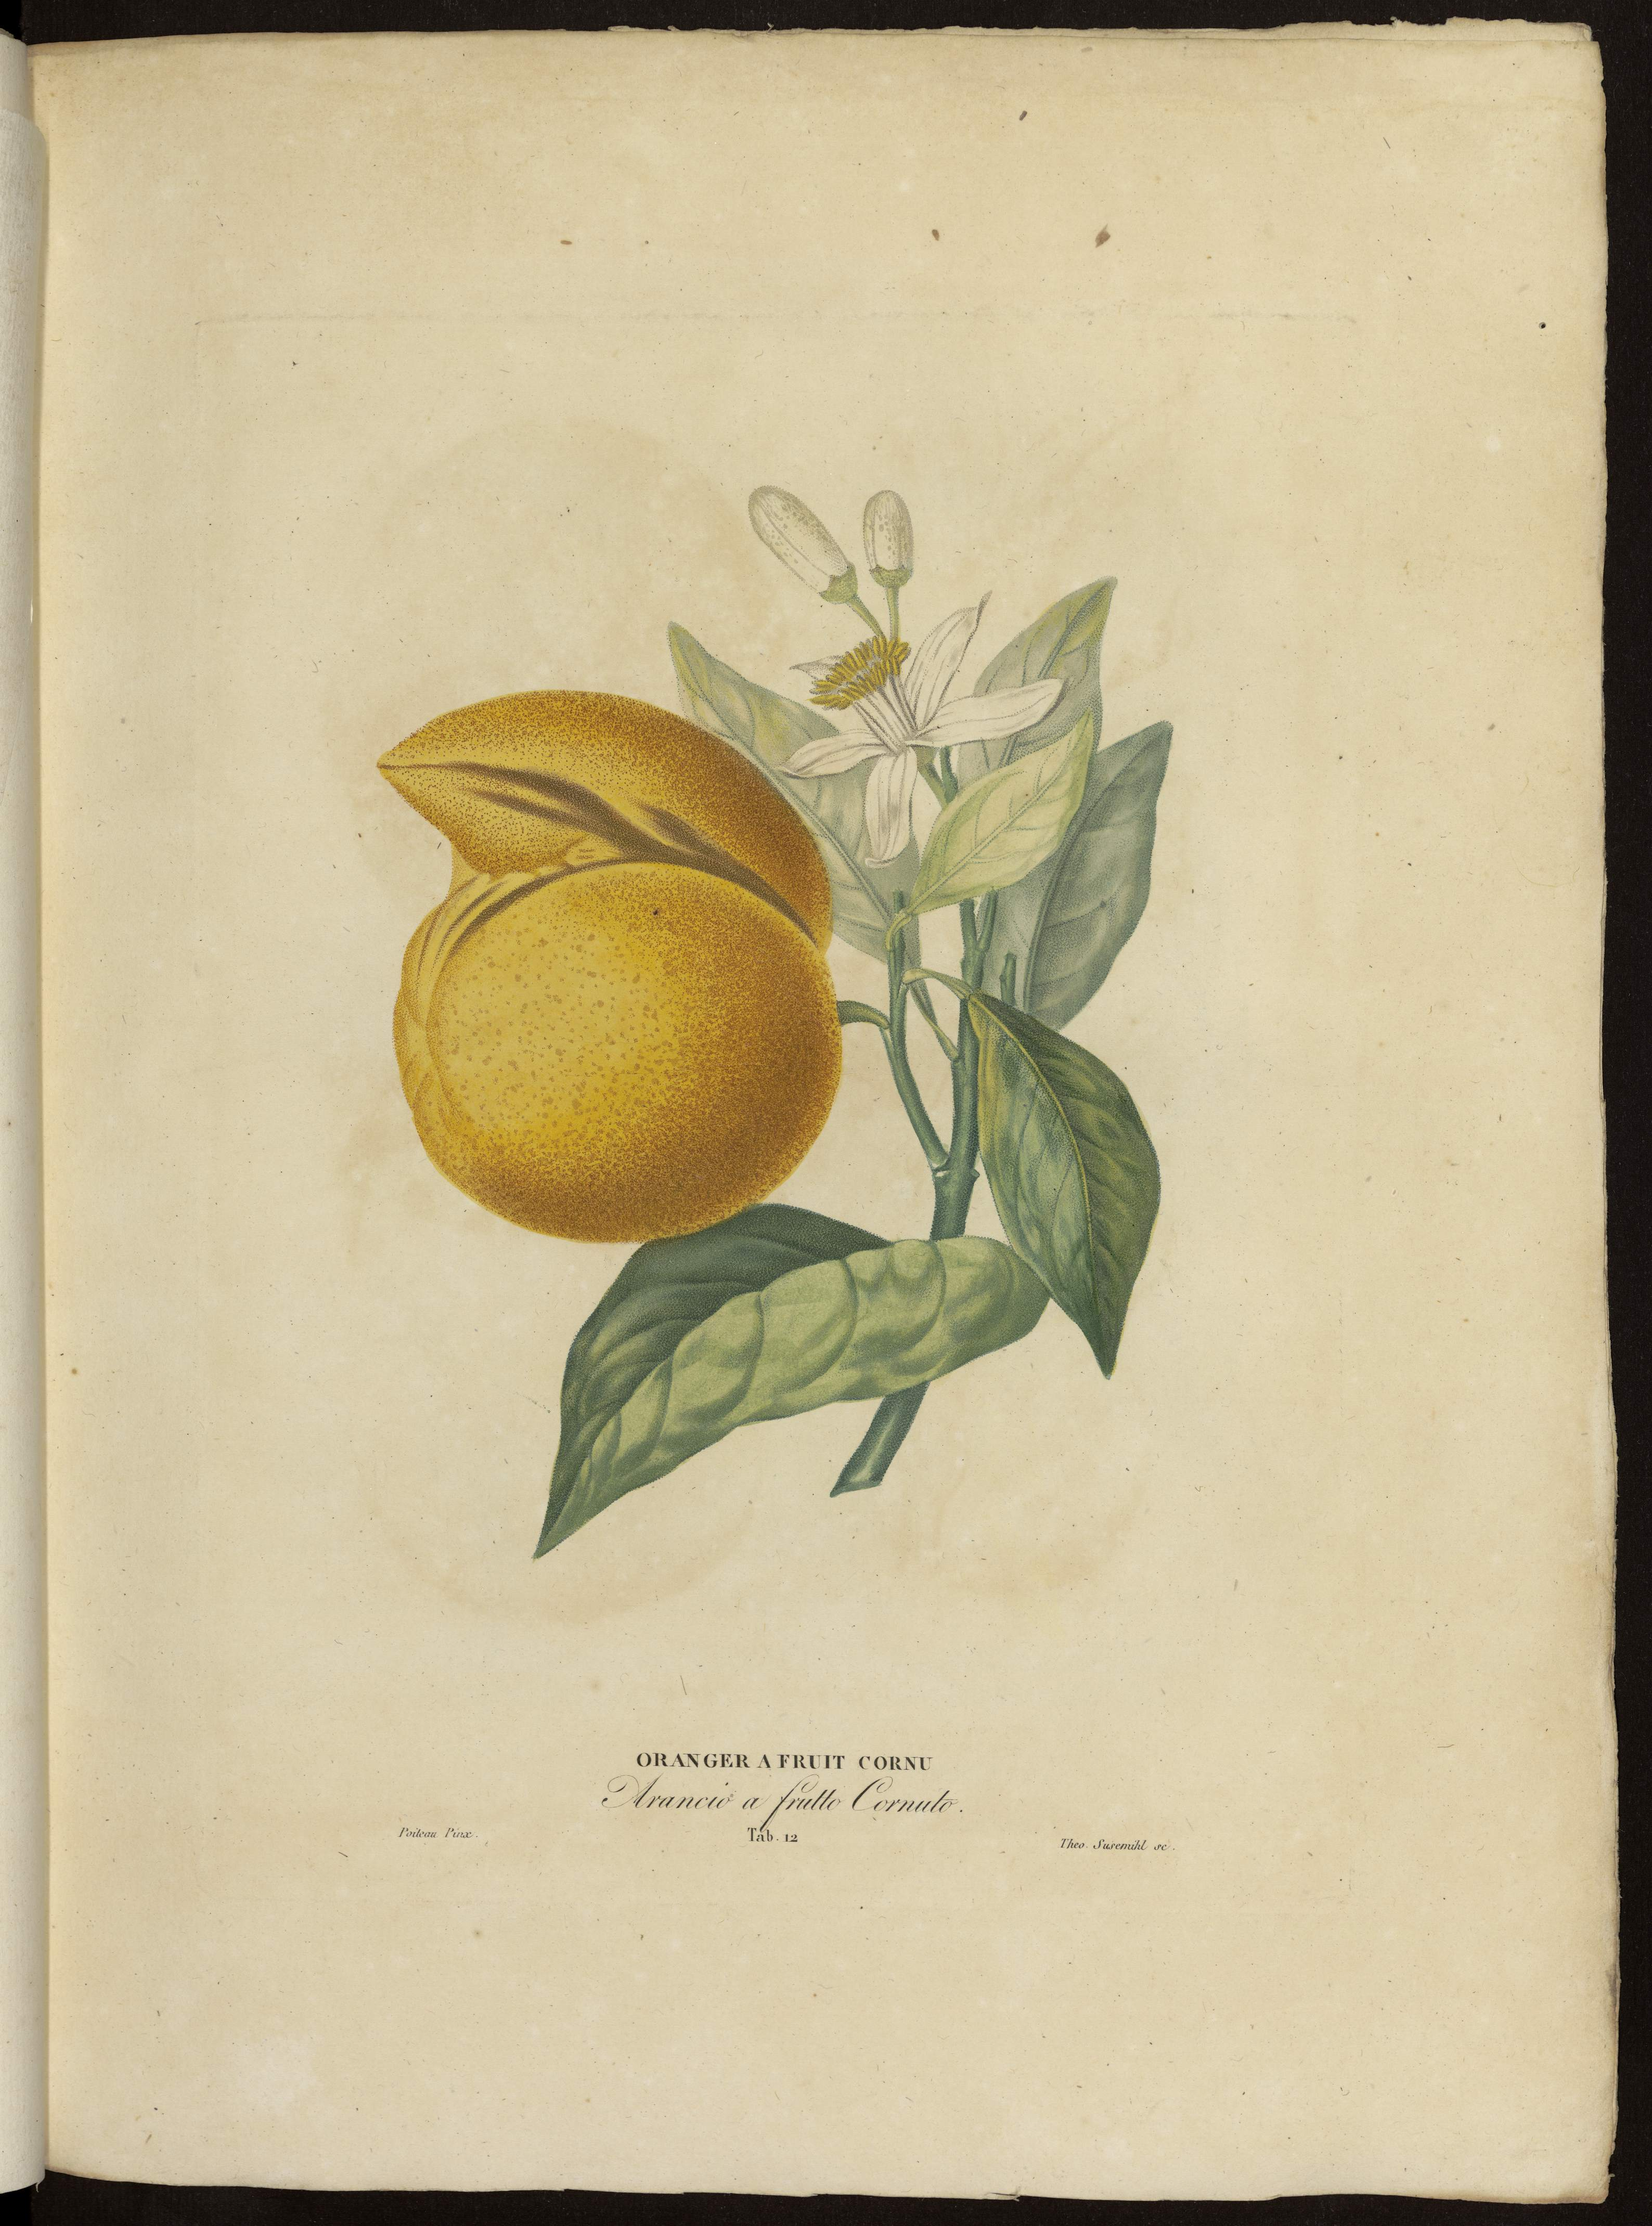 Oranger à fruit cornu